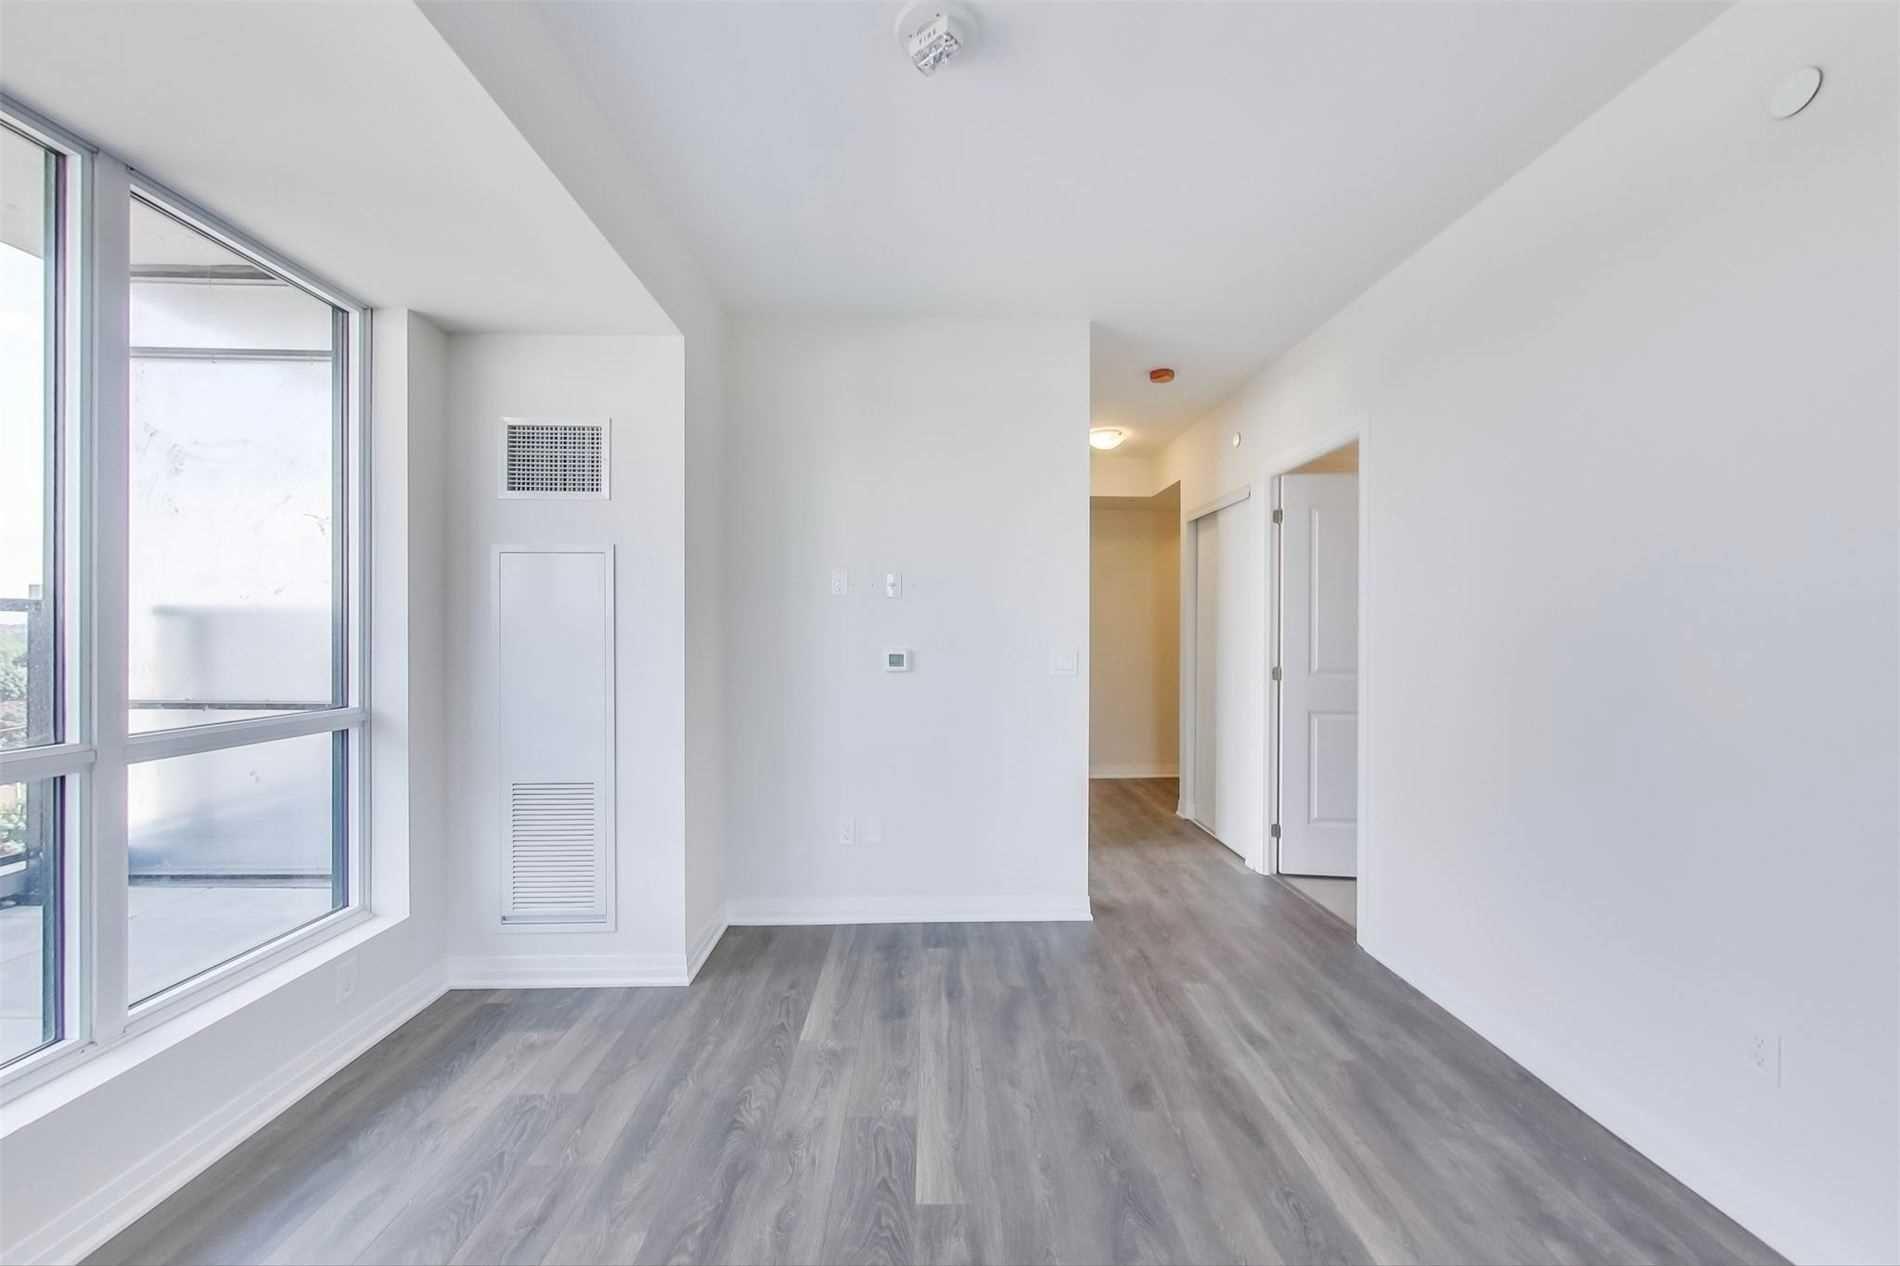 Photo 4: Photos: 711 2301 Danforth Avenue in Toronto: East End-Danforth Condo for lease (Toronto E02)  : MLS®# E4816624